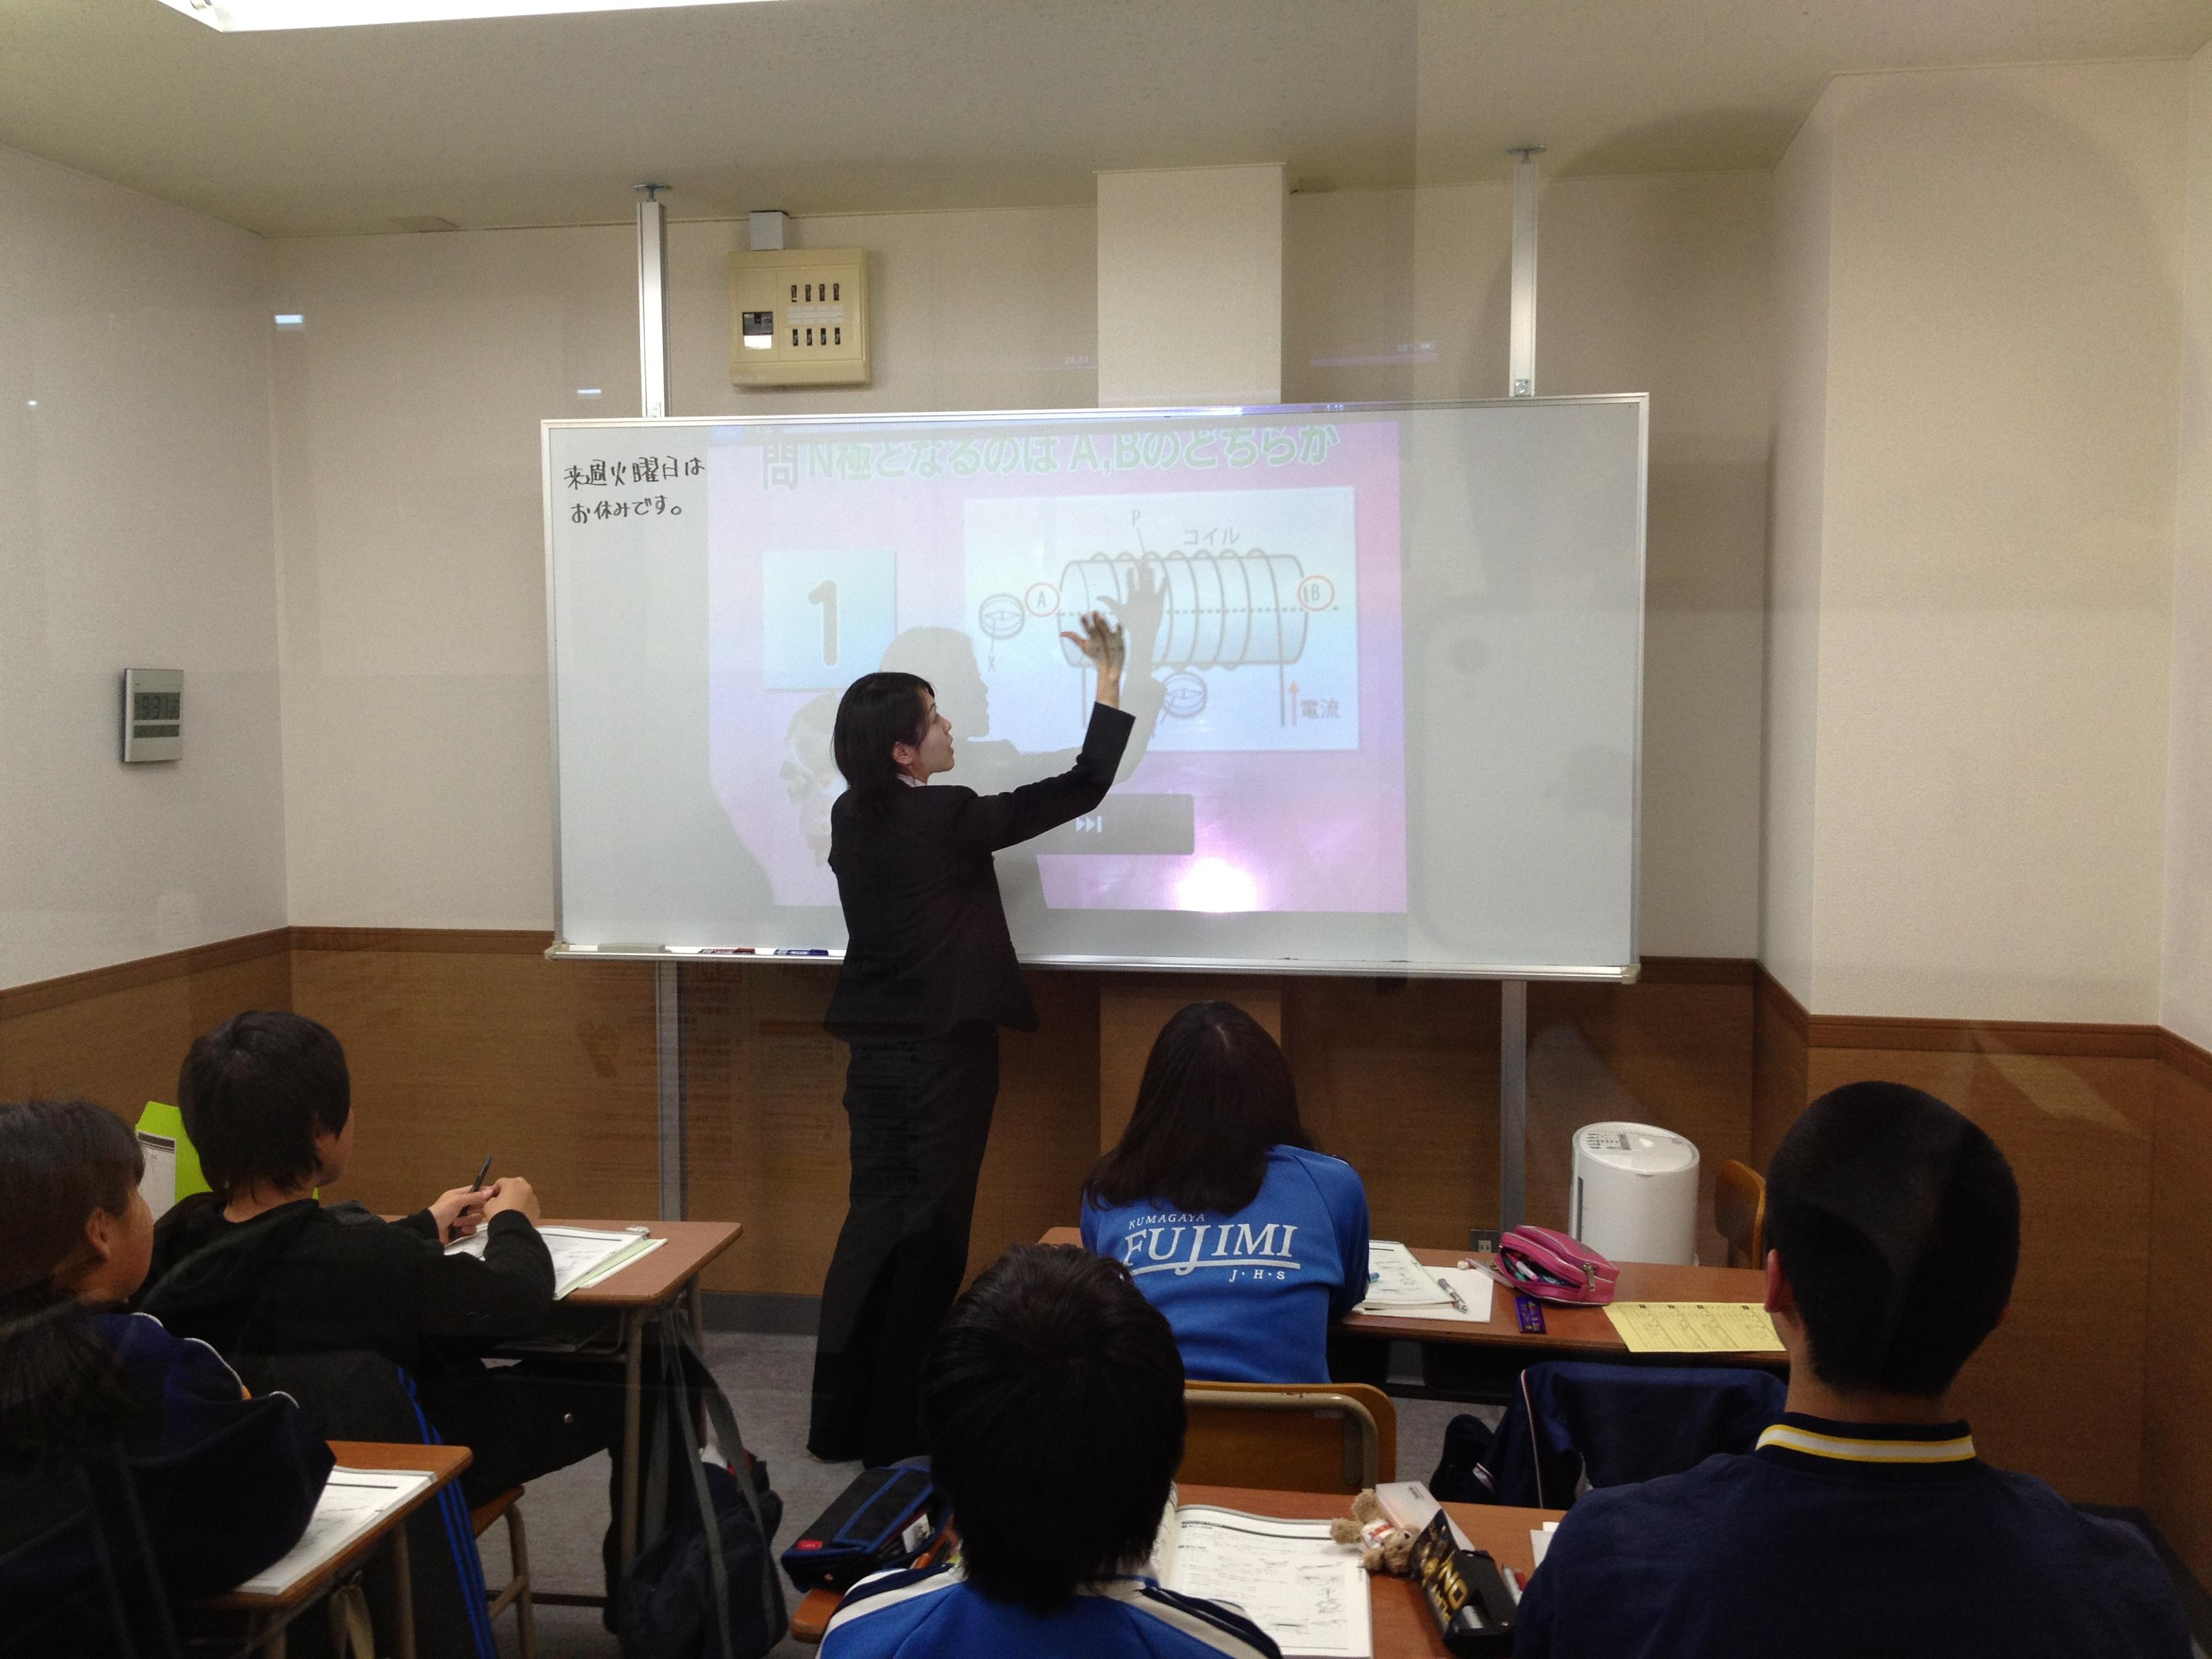 新学習指導要領に対応!iPadを使った中学生向け理社講座 ~ 映像解説×演習授業で学ぶ「Ei-Zo理社授業i[アイ]」を10校舎で開講! ~